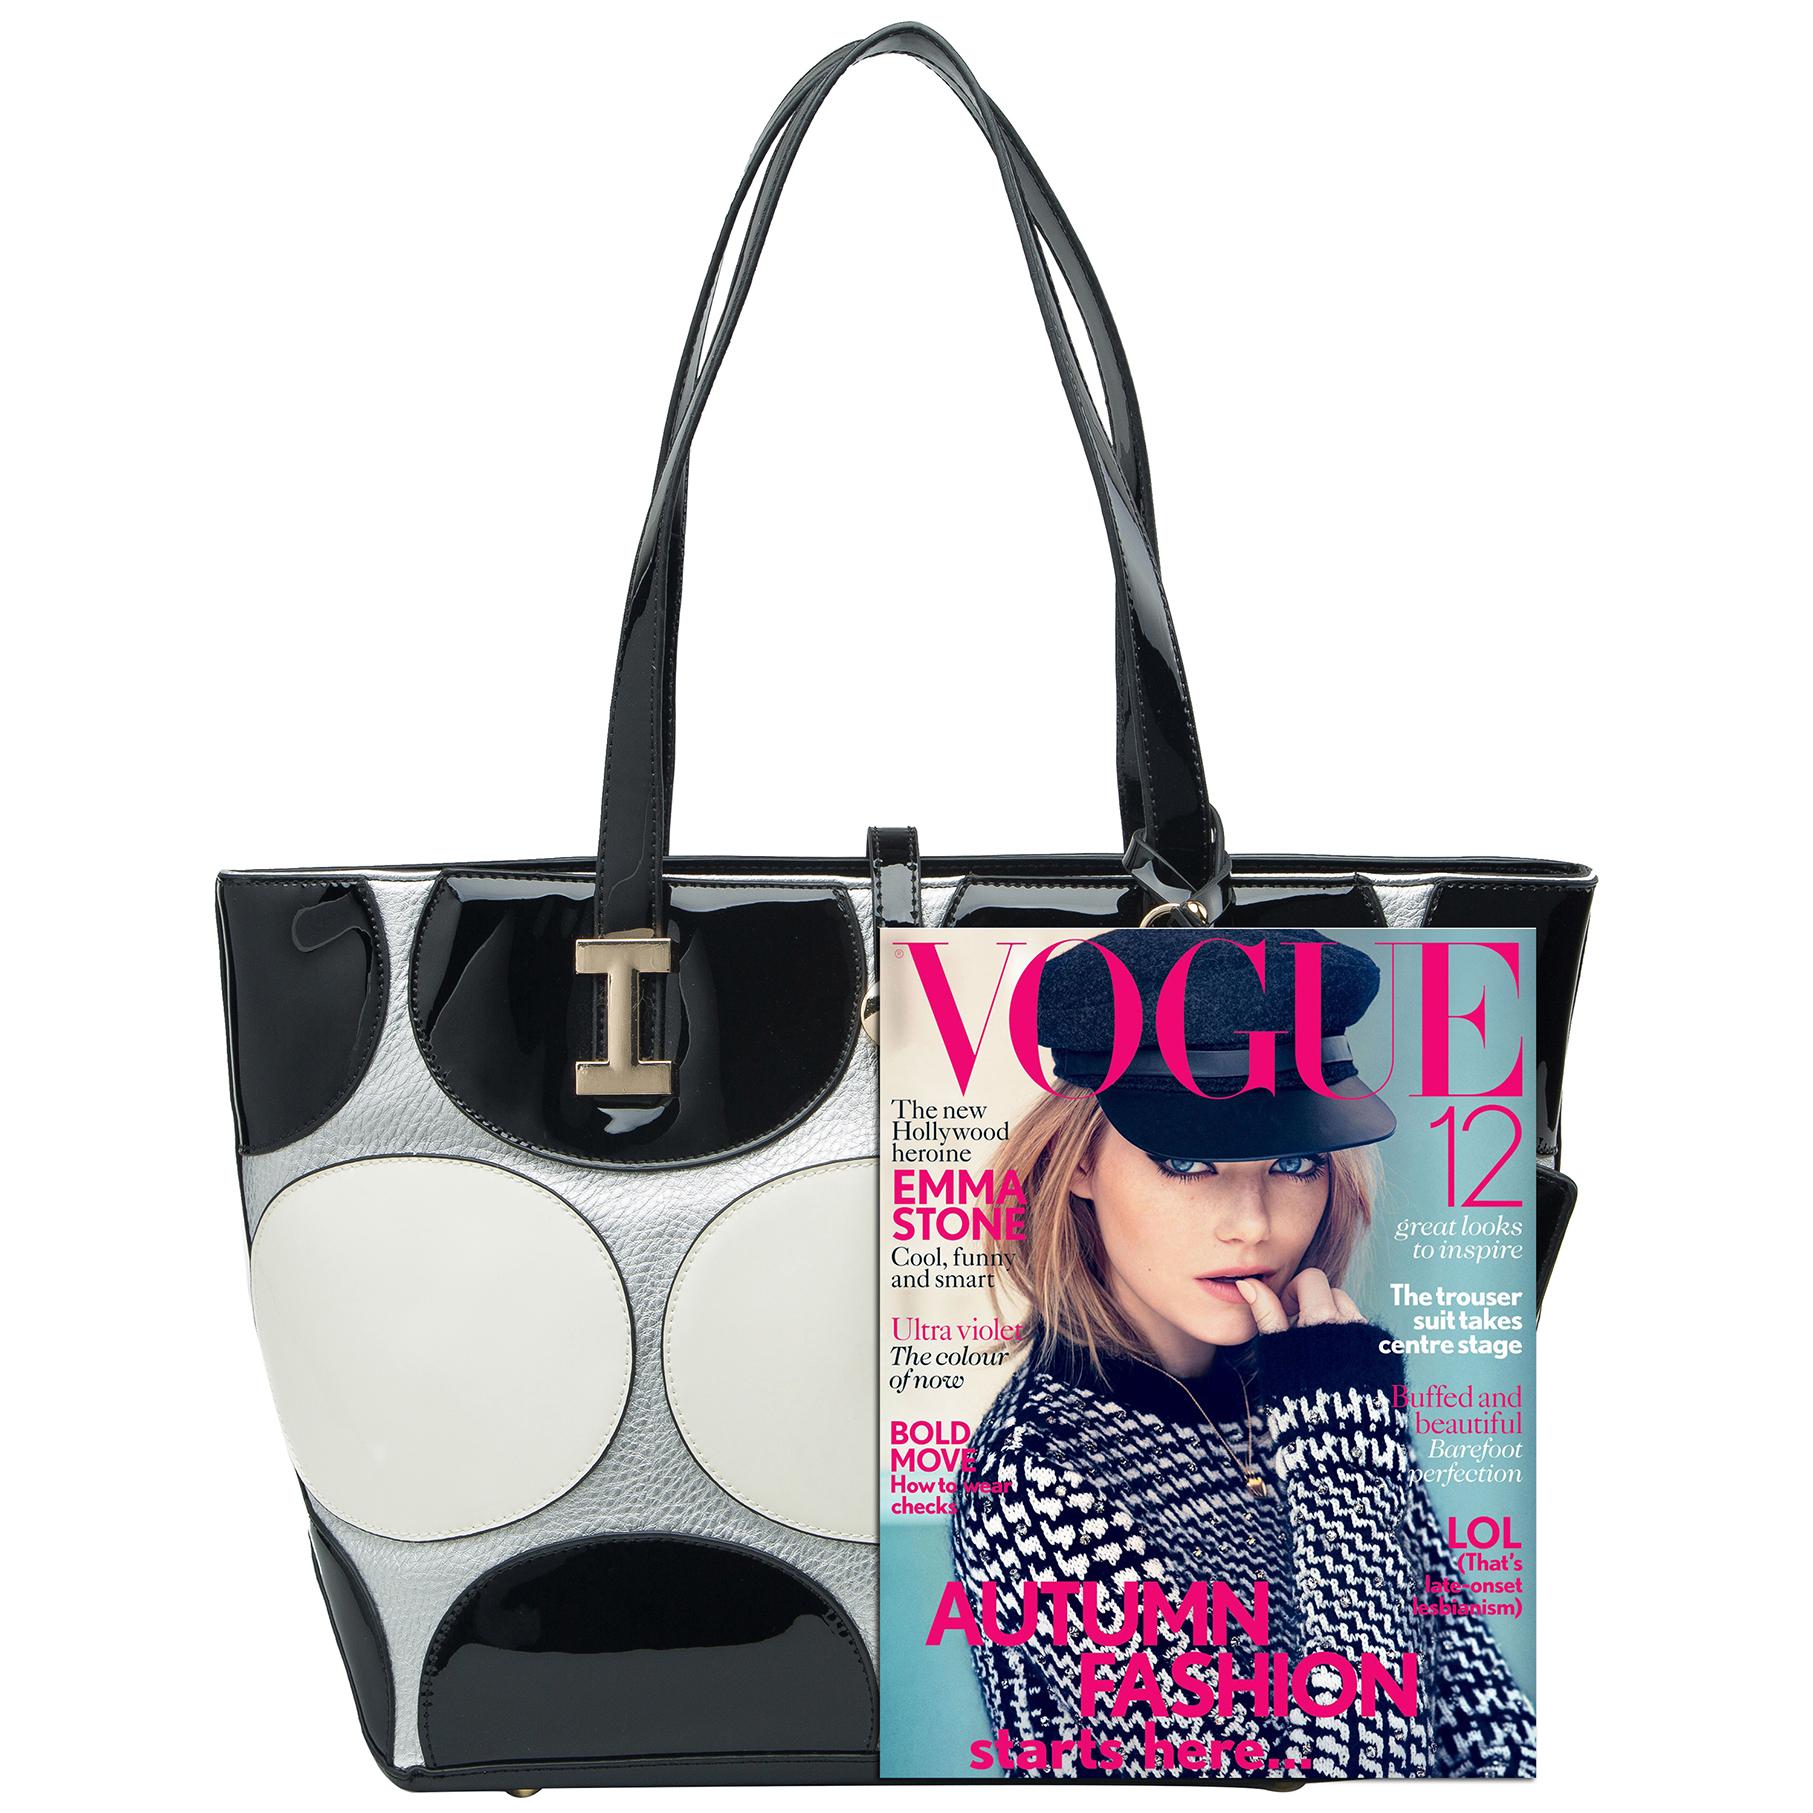 April retro leatherette top handle designer handbag size comparison image